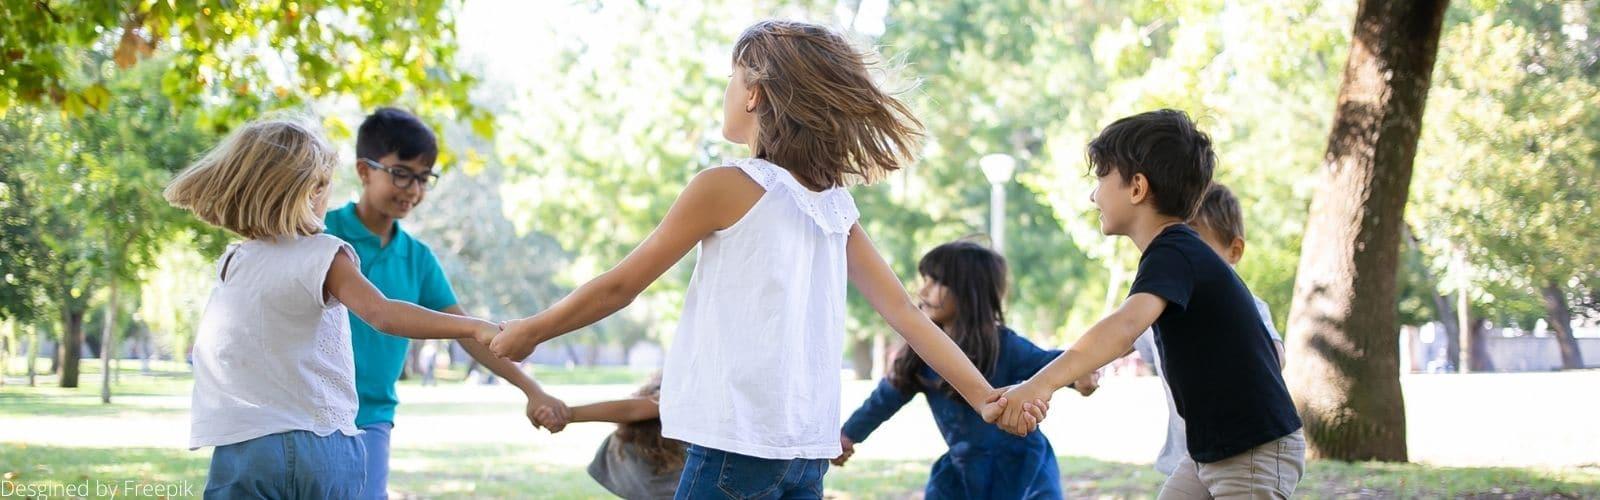 Activité périscolaire : comment faire le bon choix pour ses enfants ?